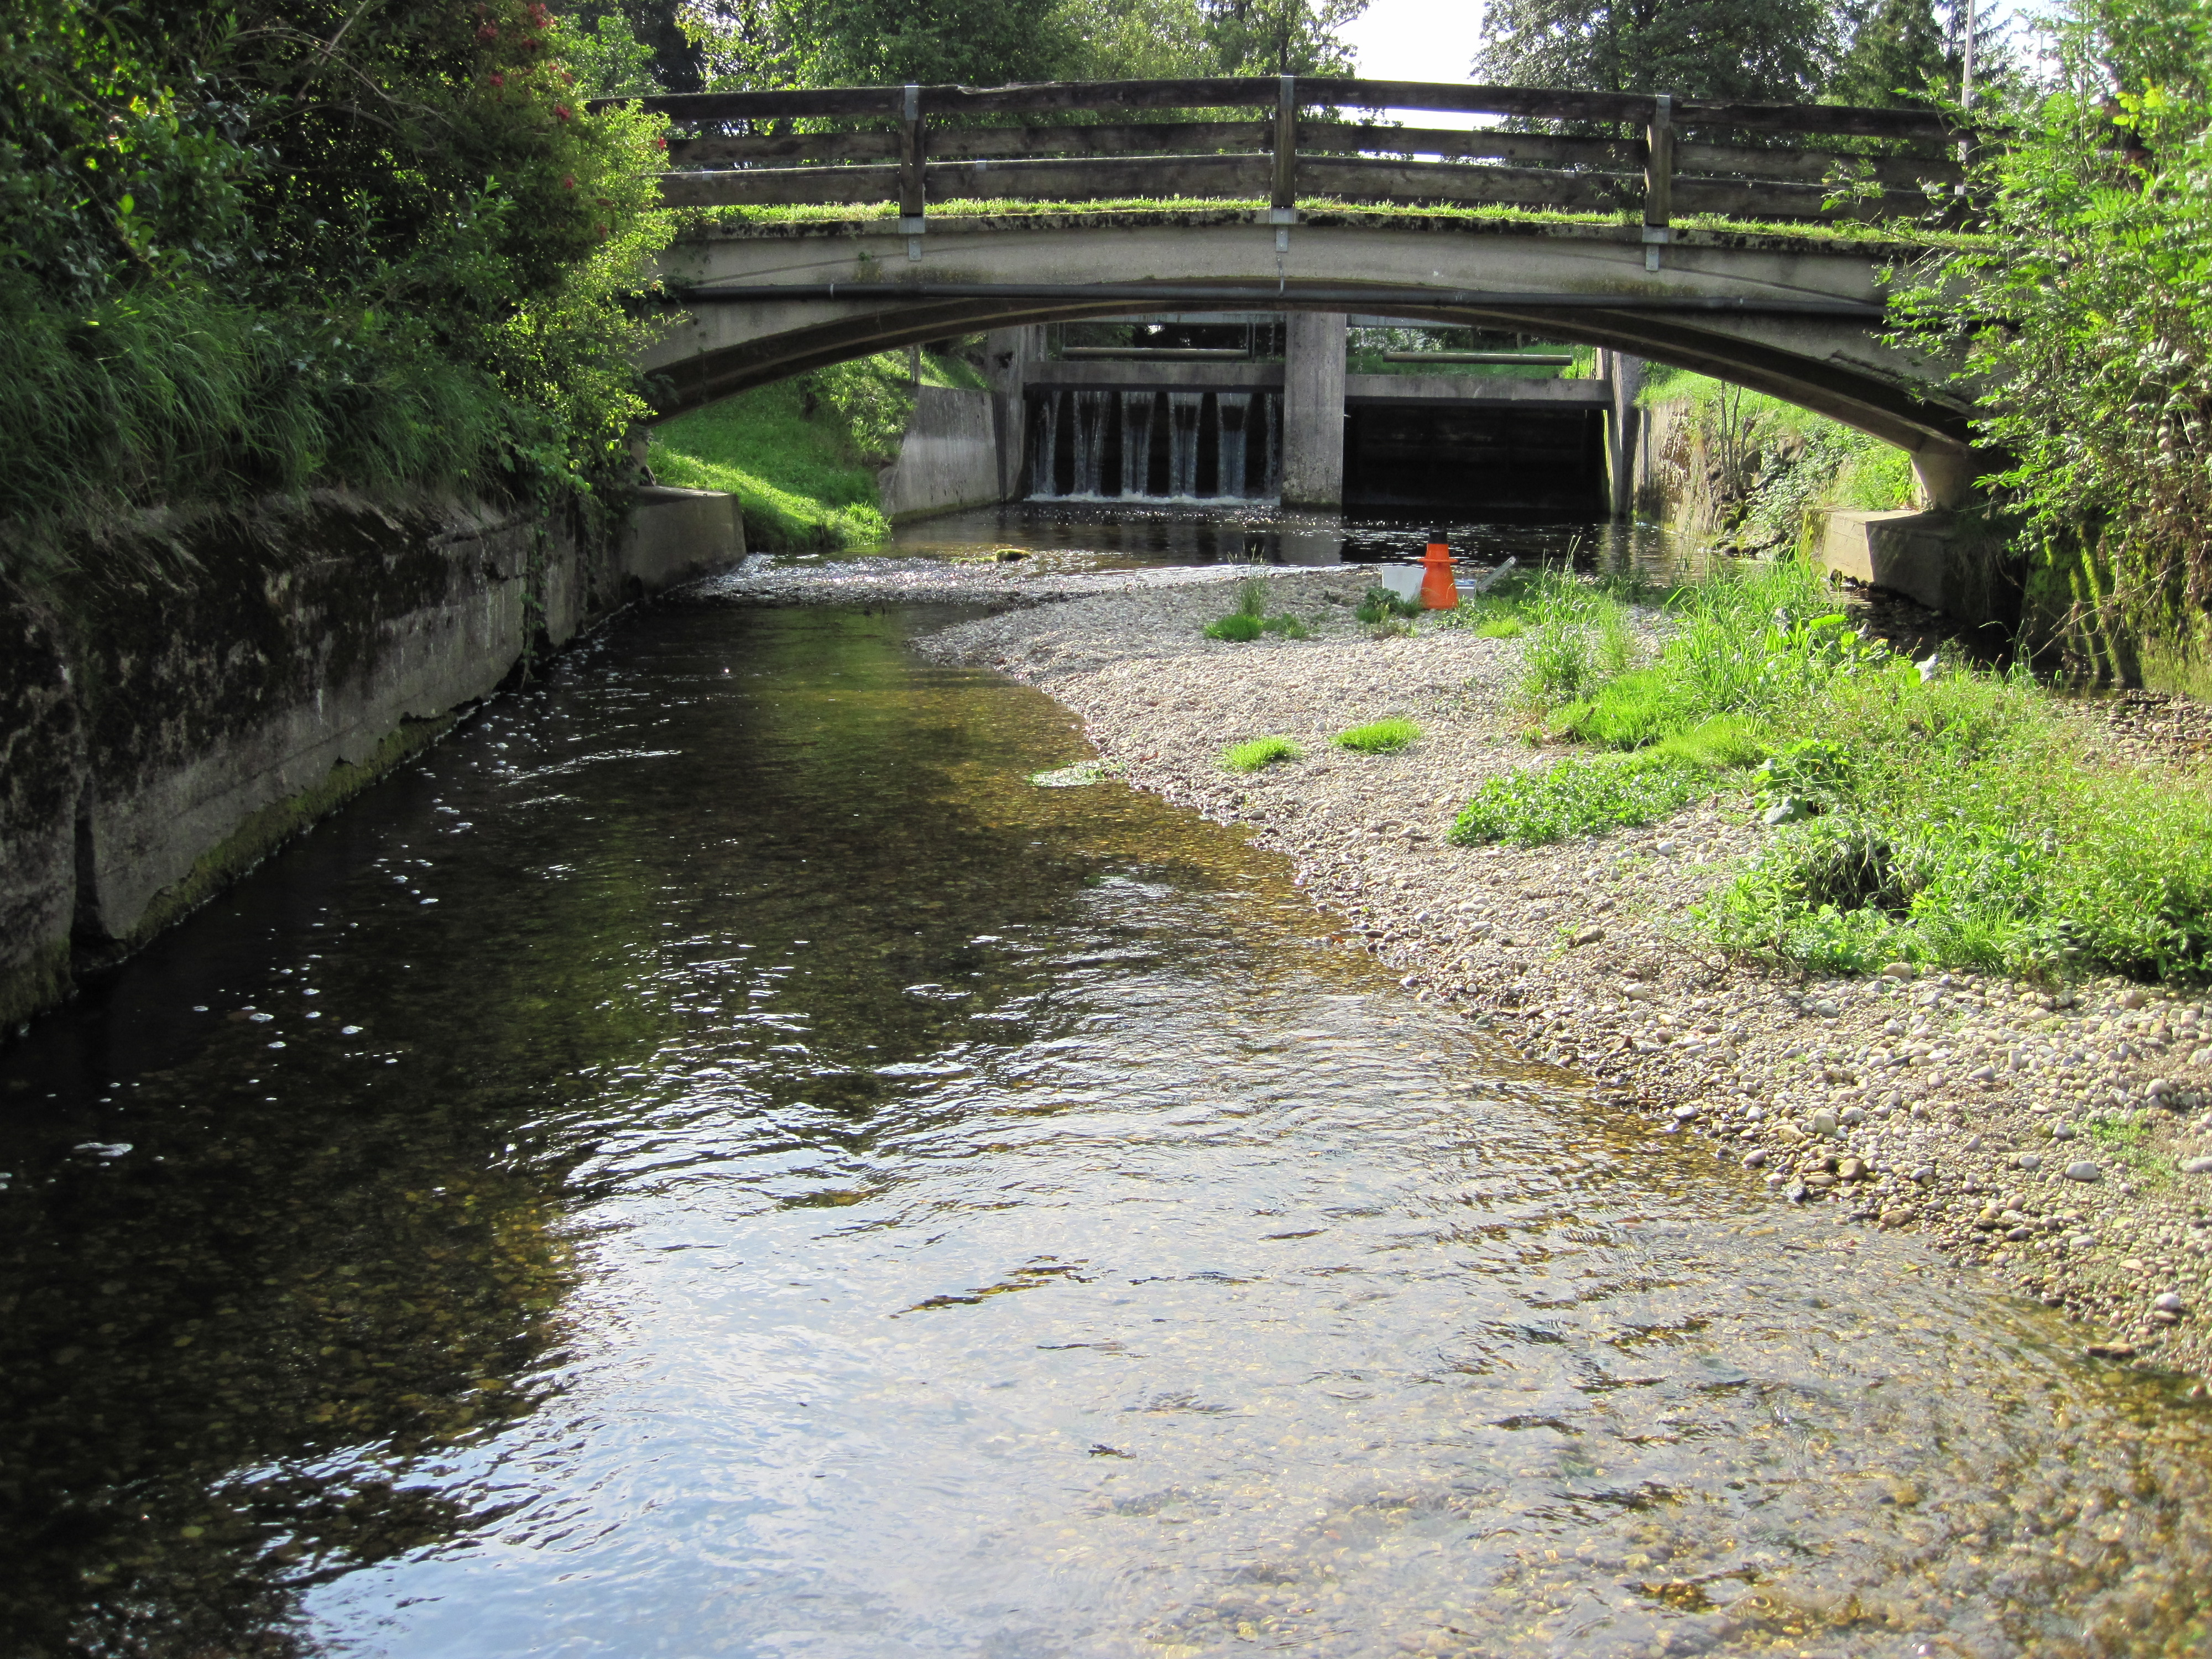 Flussansicht mit Brücke und im Hintergrund ist eine kleinere Stauanlage zu sehen